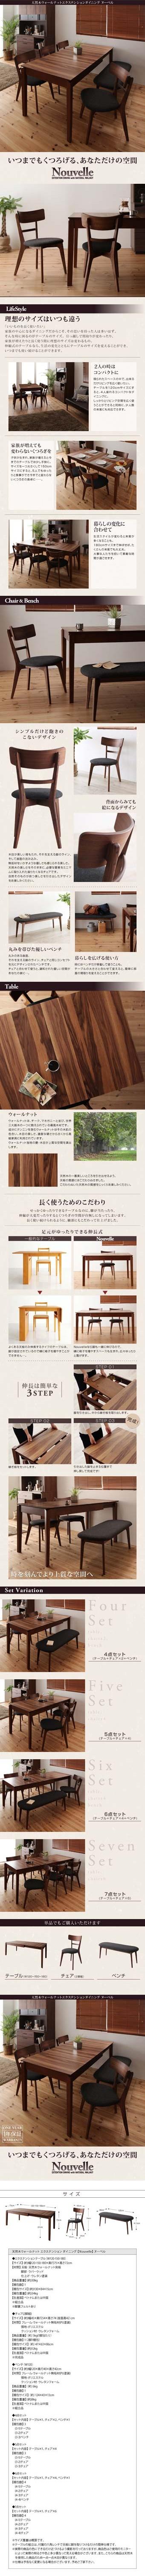 5点セット(テーブル×1+チェア×4)